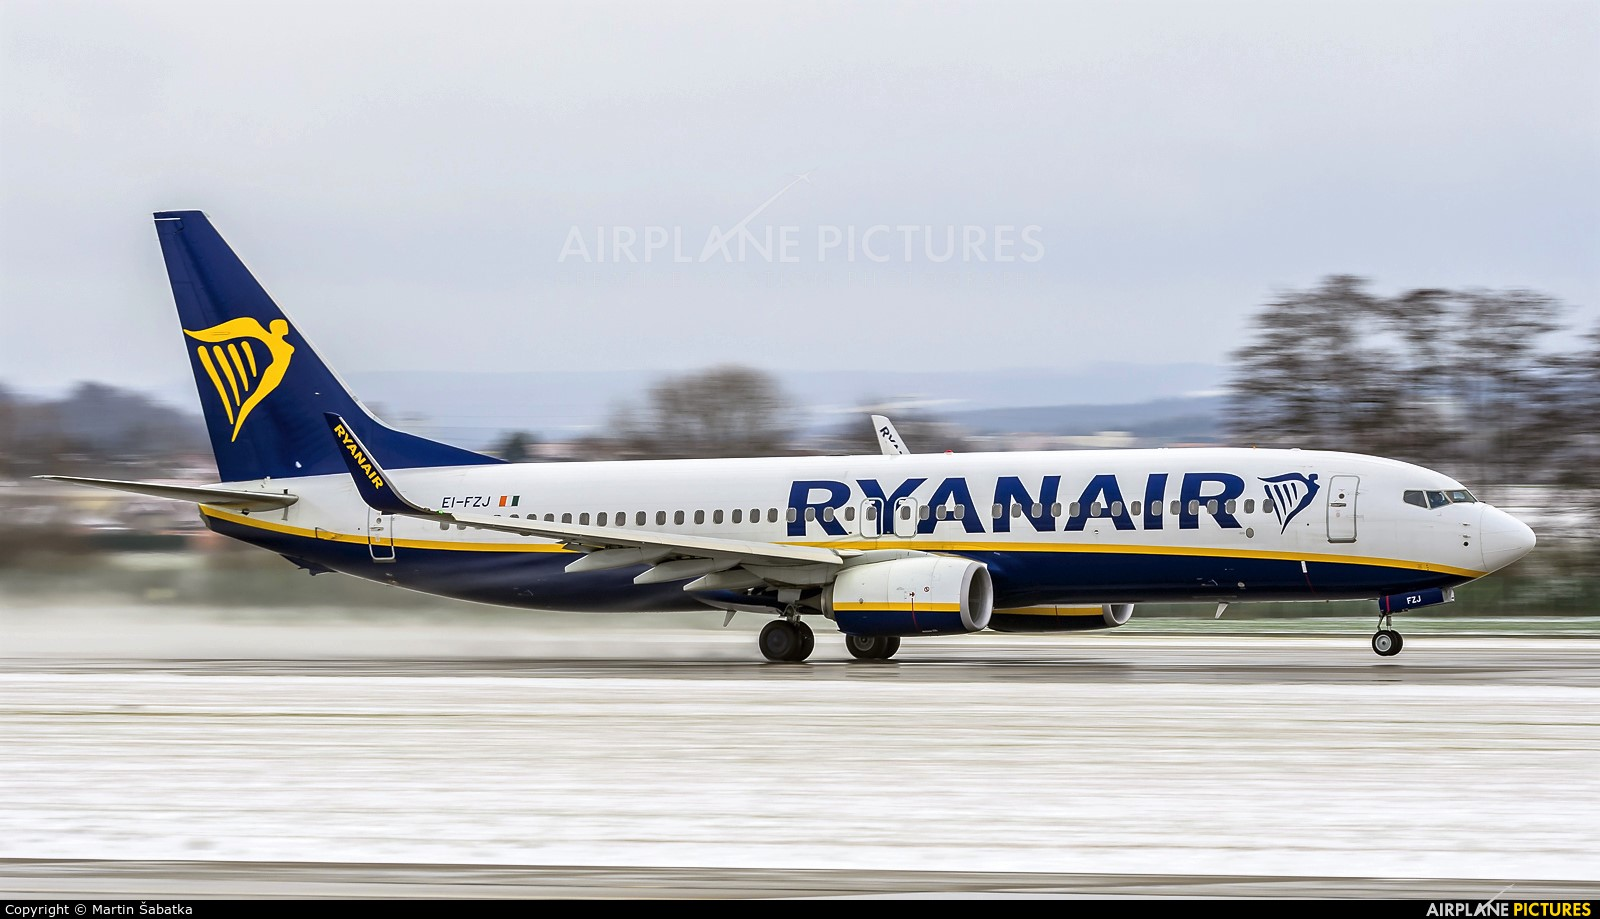 Ryanair EI-FZJ aircraft at Pardubice